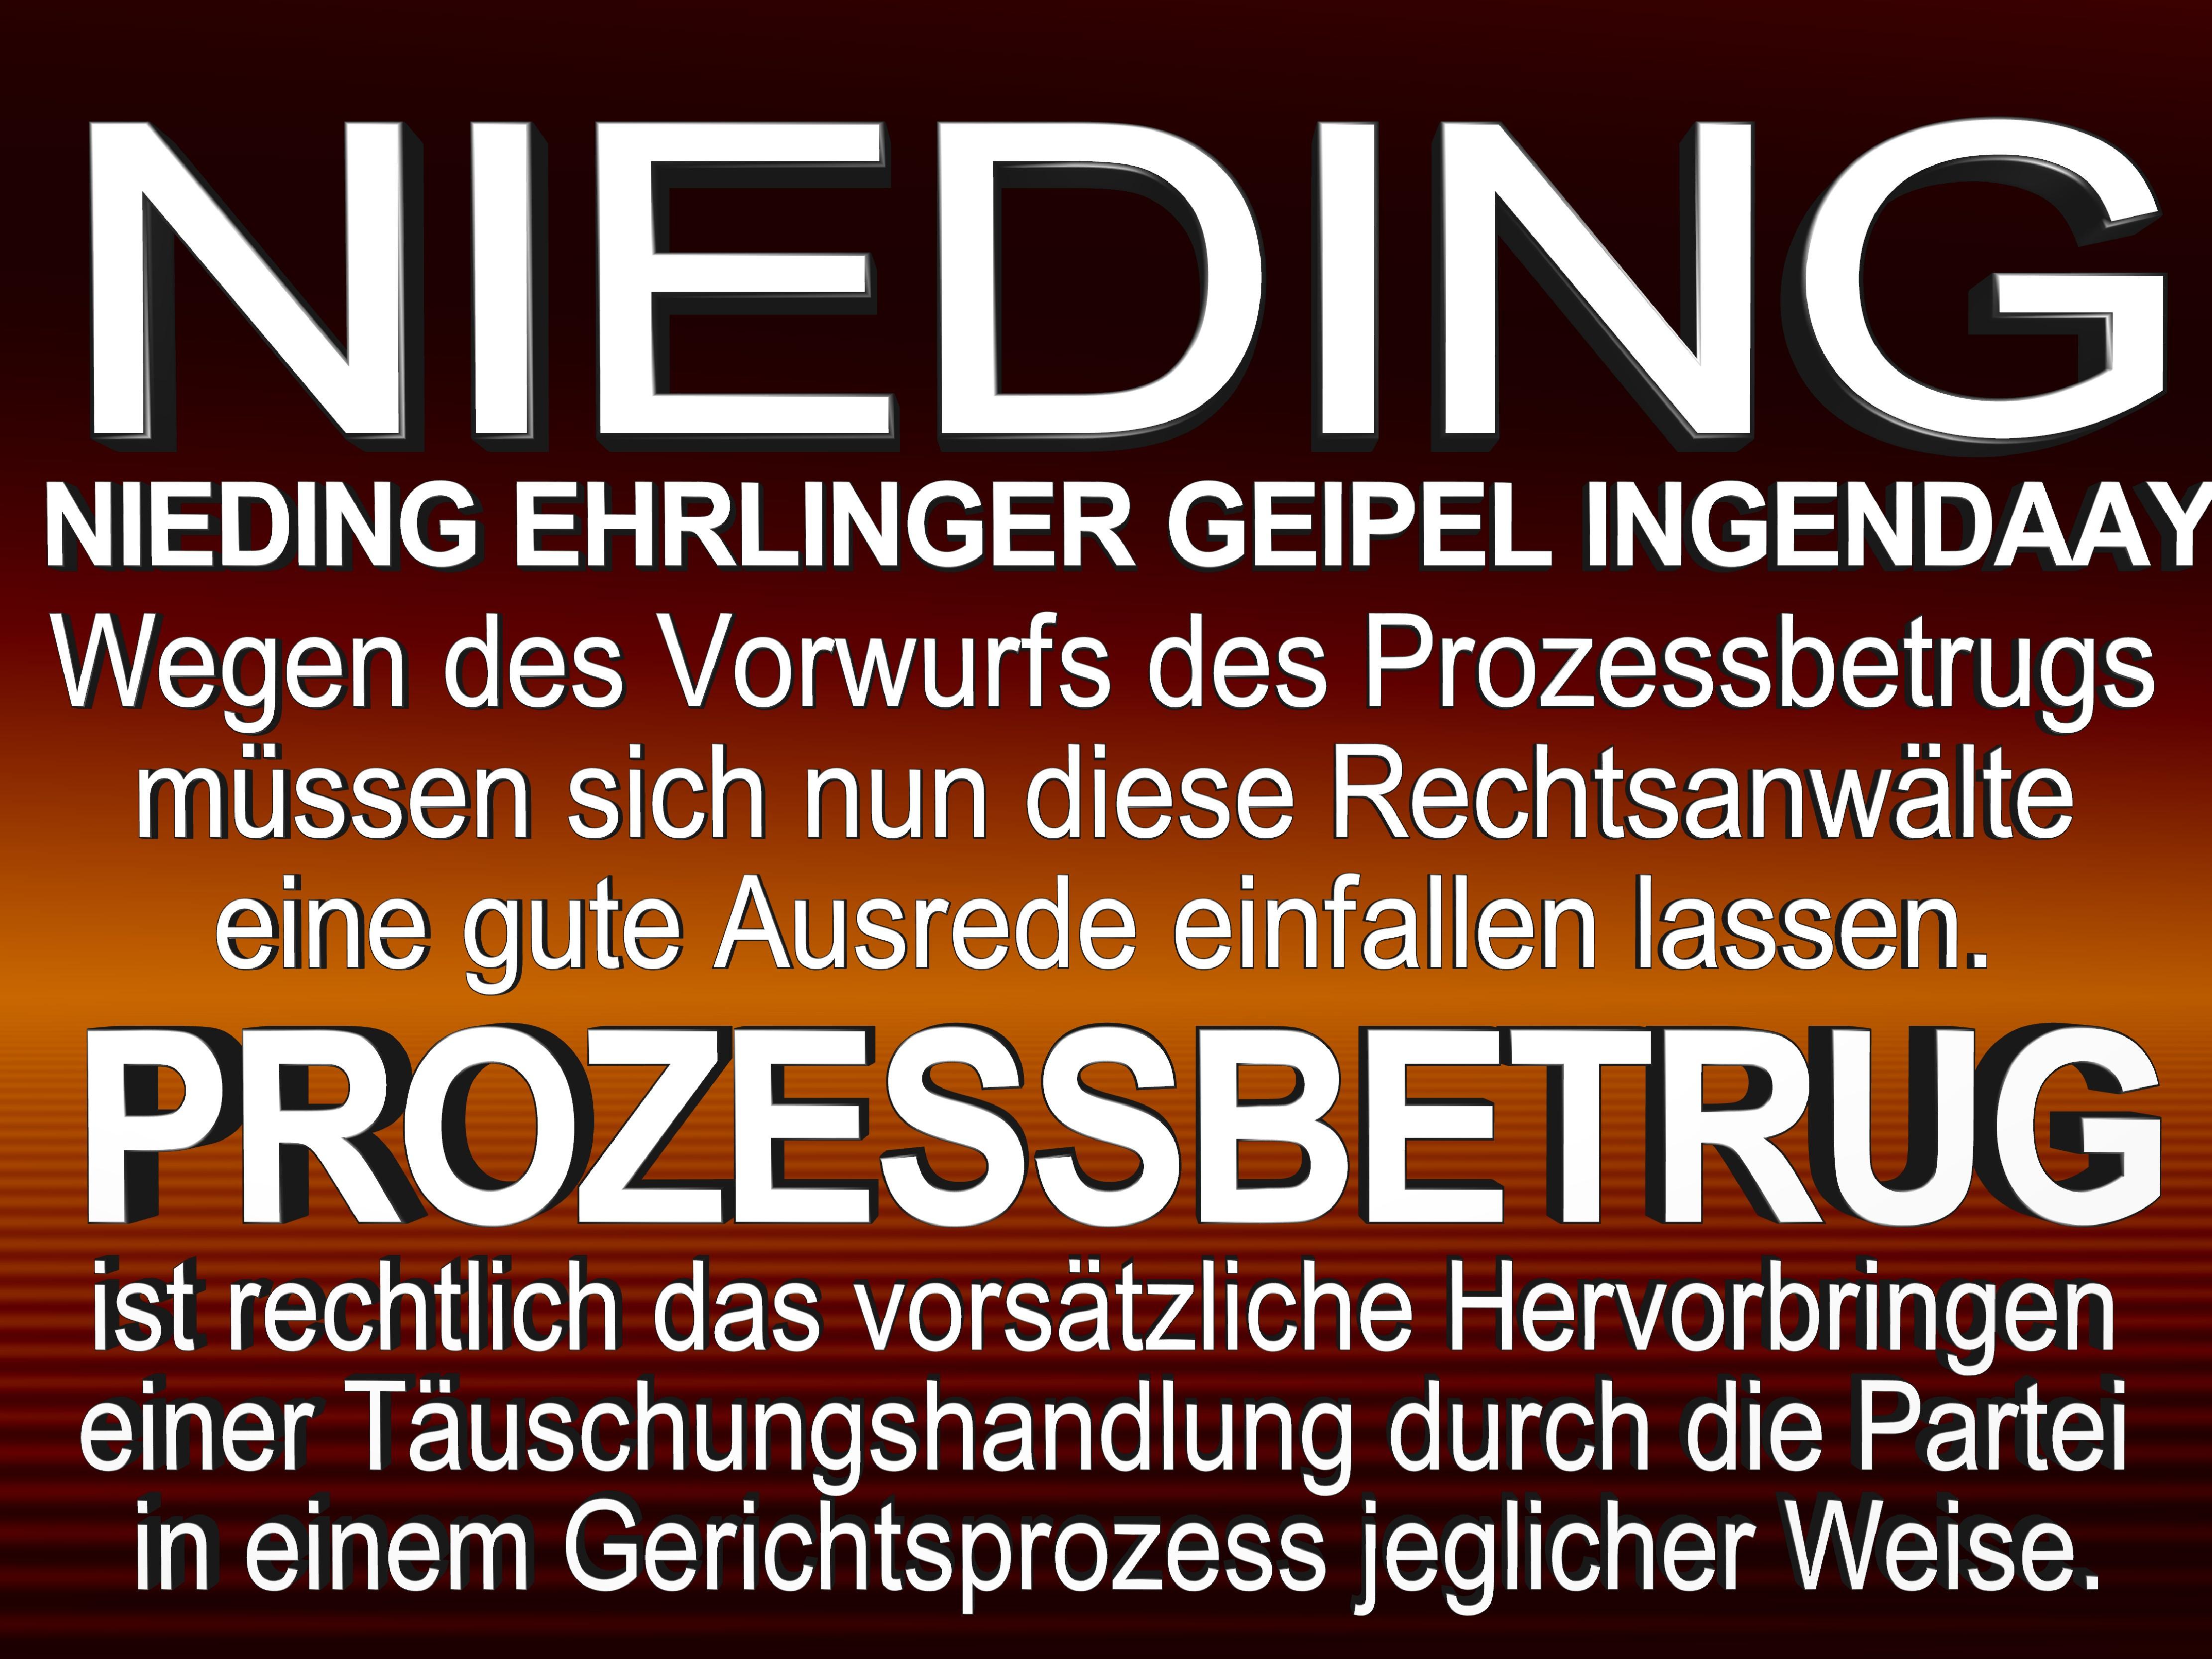 NIEDING EHRLINGER GEIPEL INGENDAAY LELKE Kurfürstendamm 66 Berlin (97)